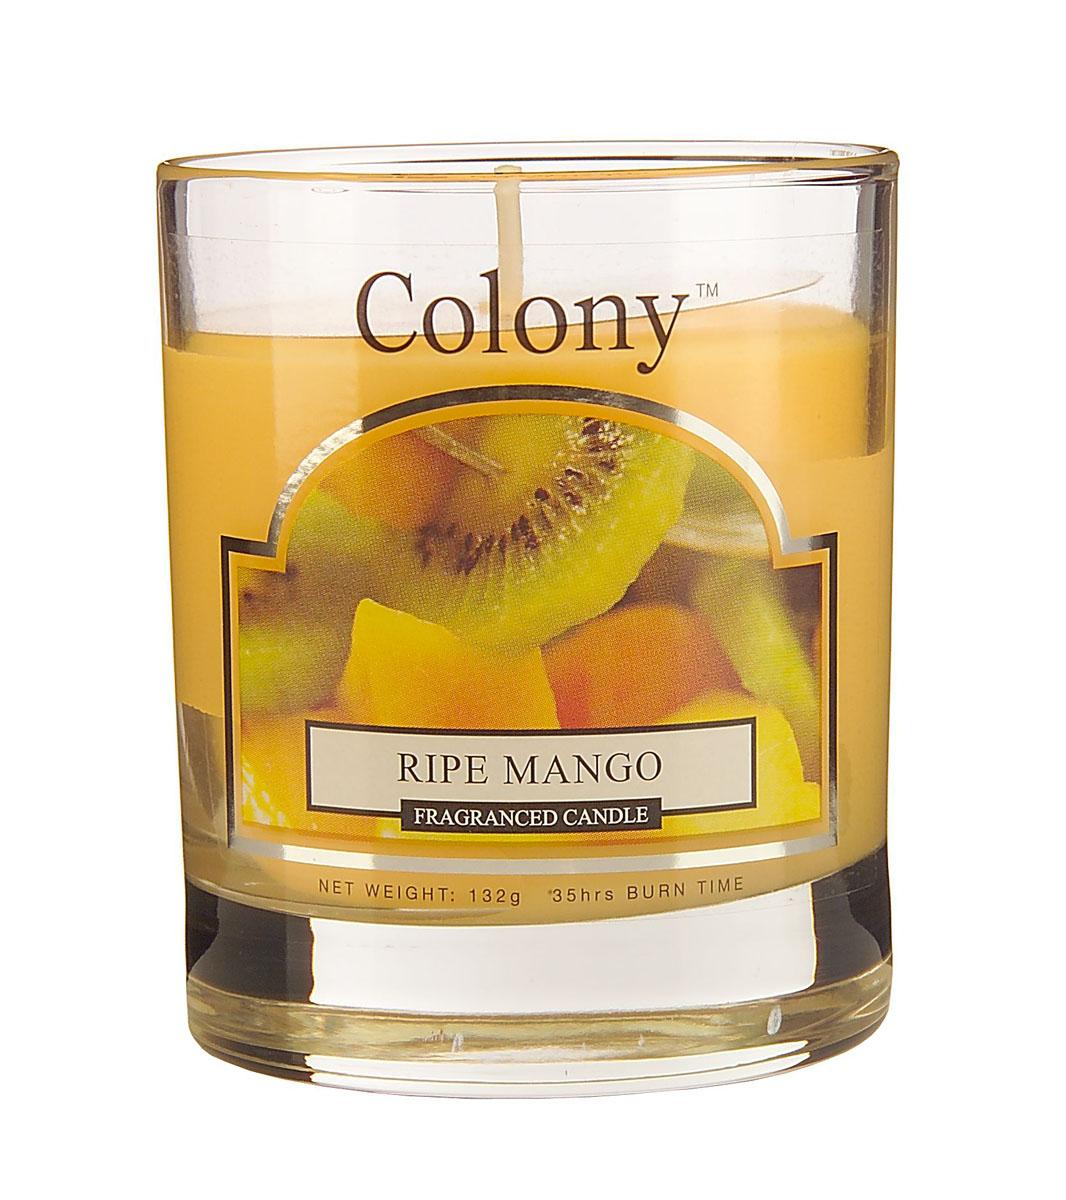 Wax Lyrical Спелый манго ароматизированная свеча в стекле малая, 35 часовFS-91909Сочный фруктовый аромат спелых фруктов: экзотического манго, персиков, арбуза